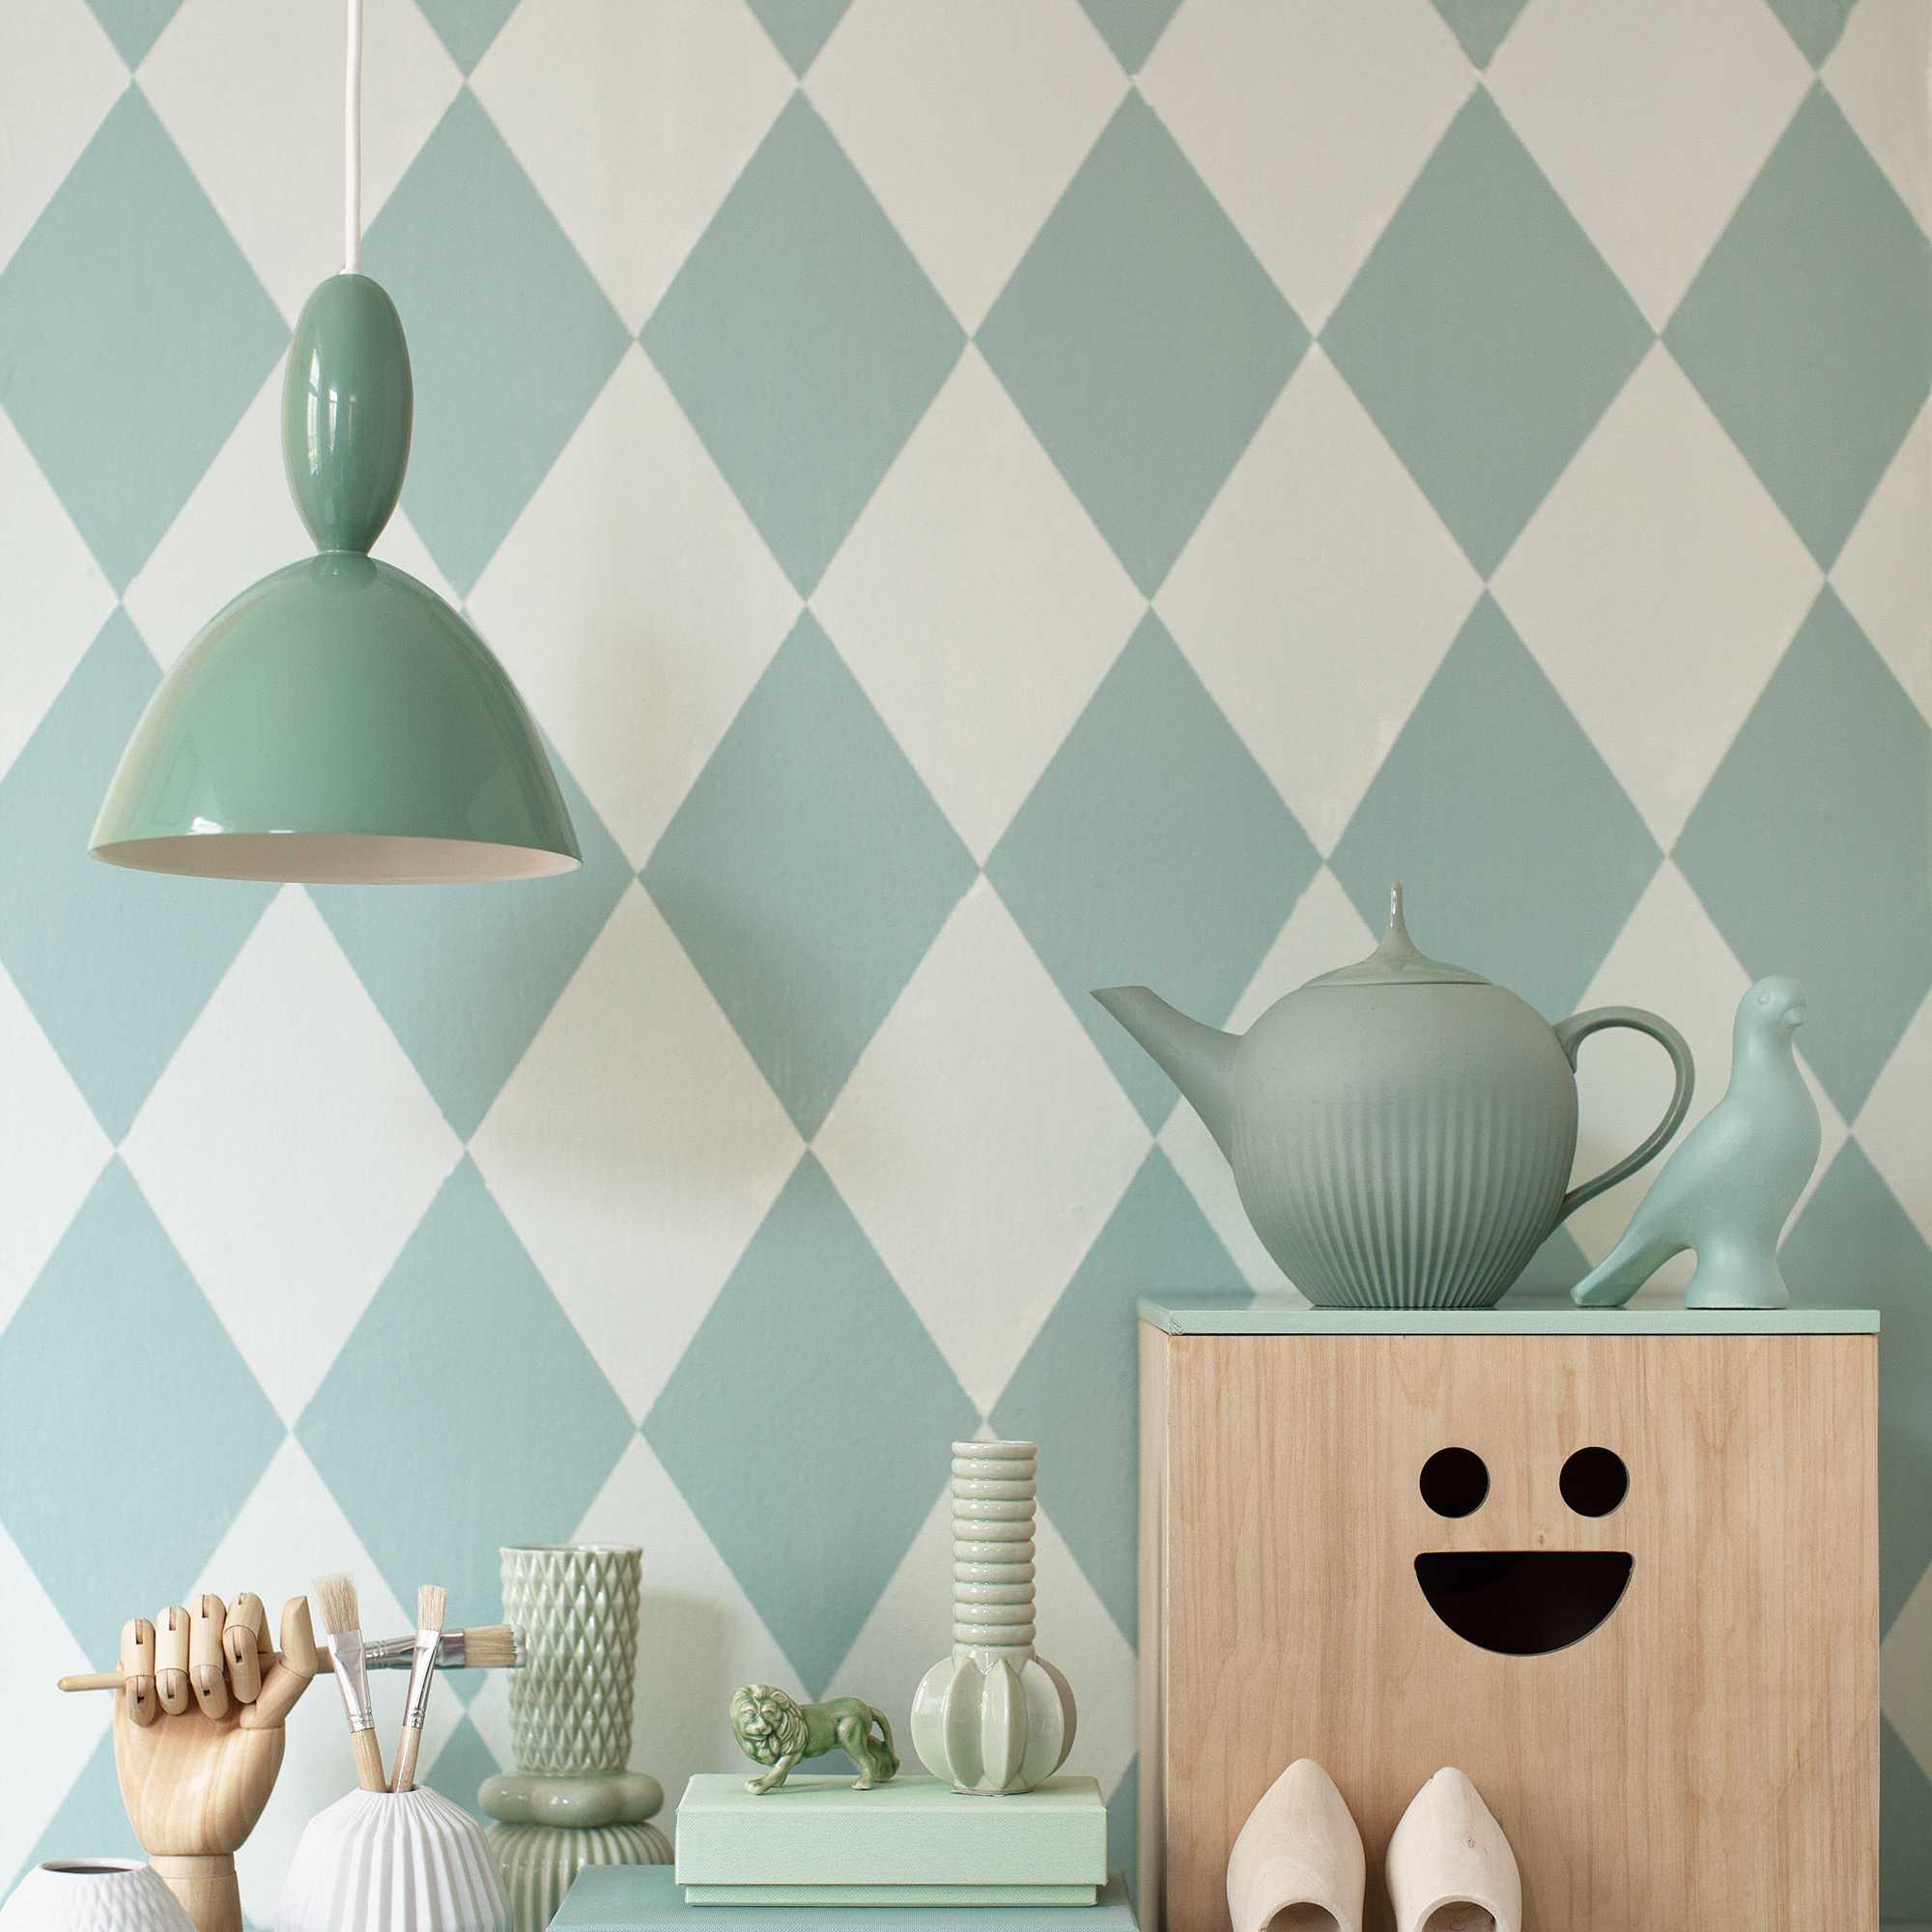 15 Decorative Paint Techniques for Your Walls